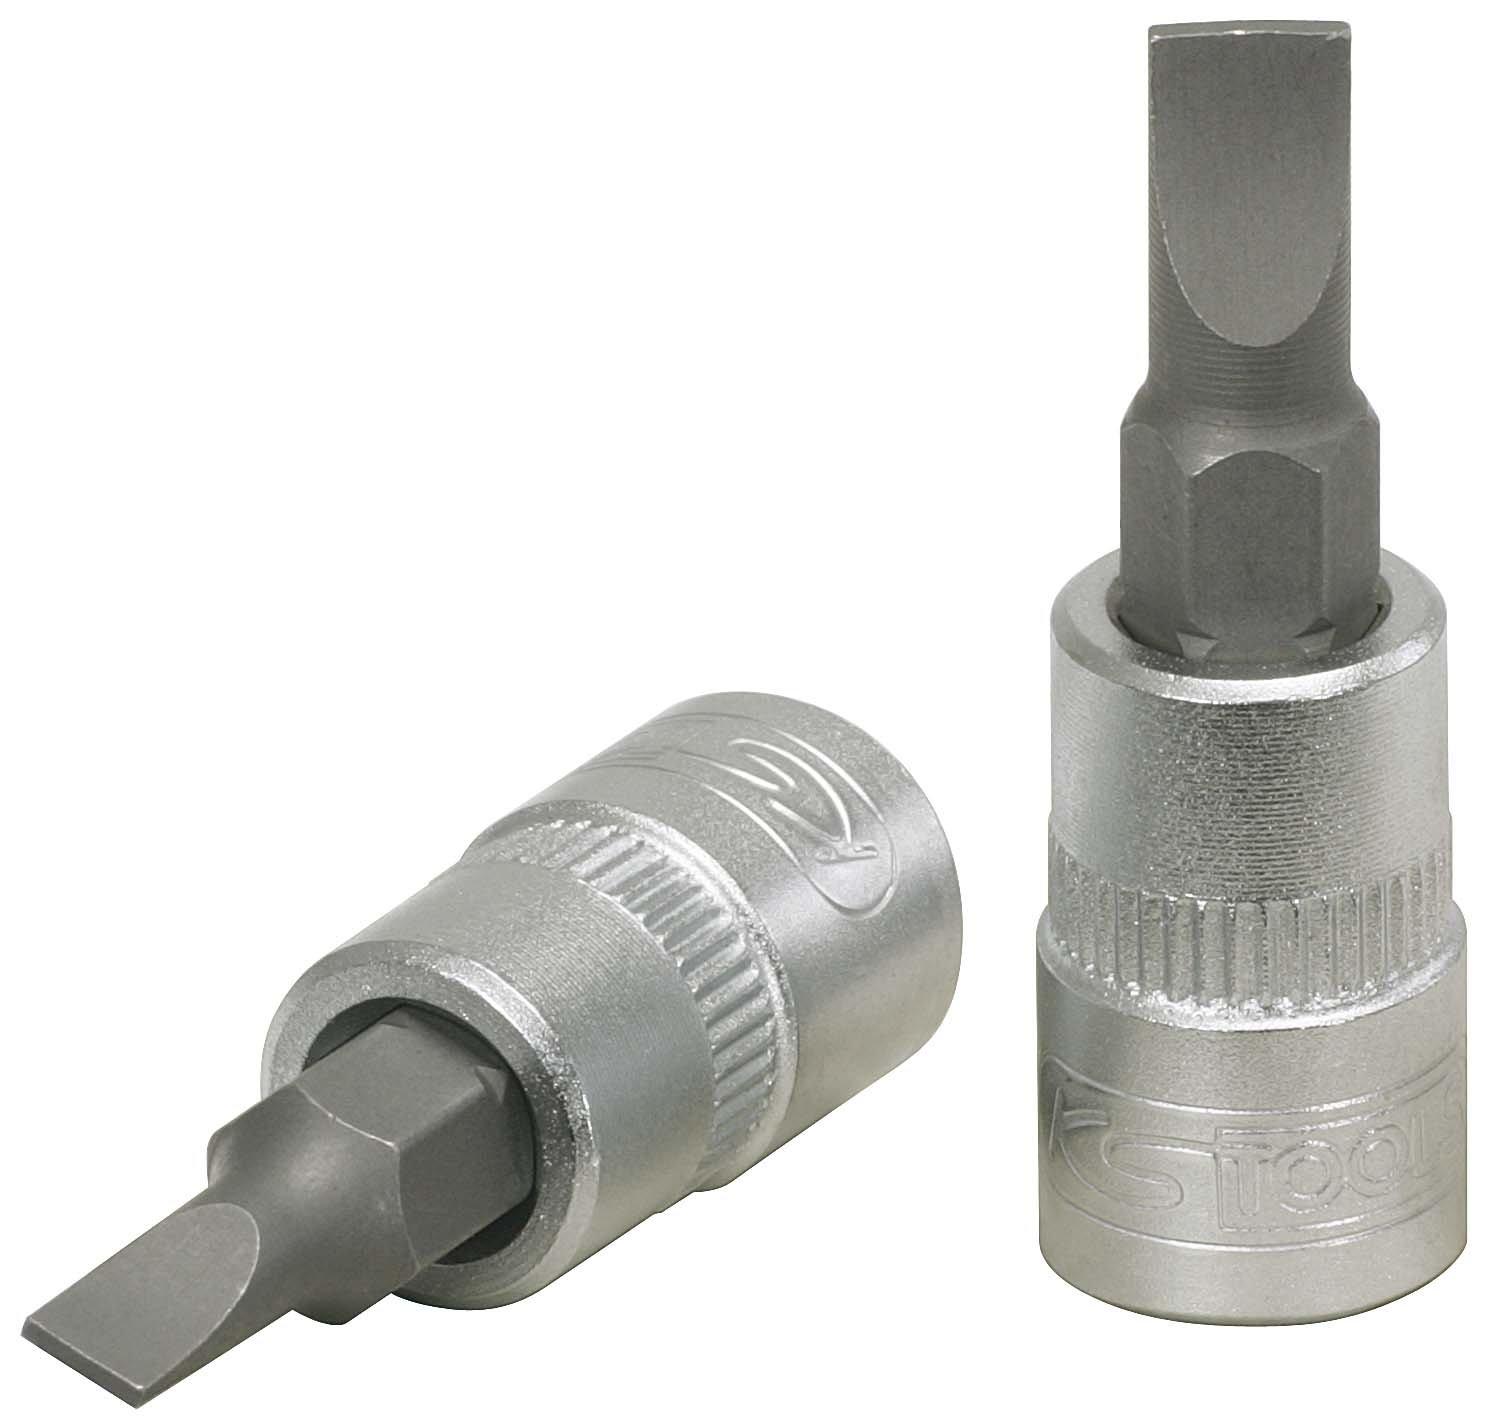 KS Tools '1/4 Inch Slotted Bit Socket 5.5 mm Matt Chrome-Plated on Hanger 4042146104989